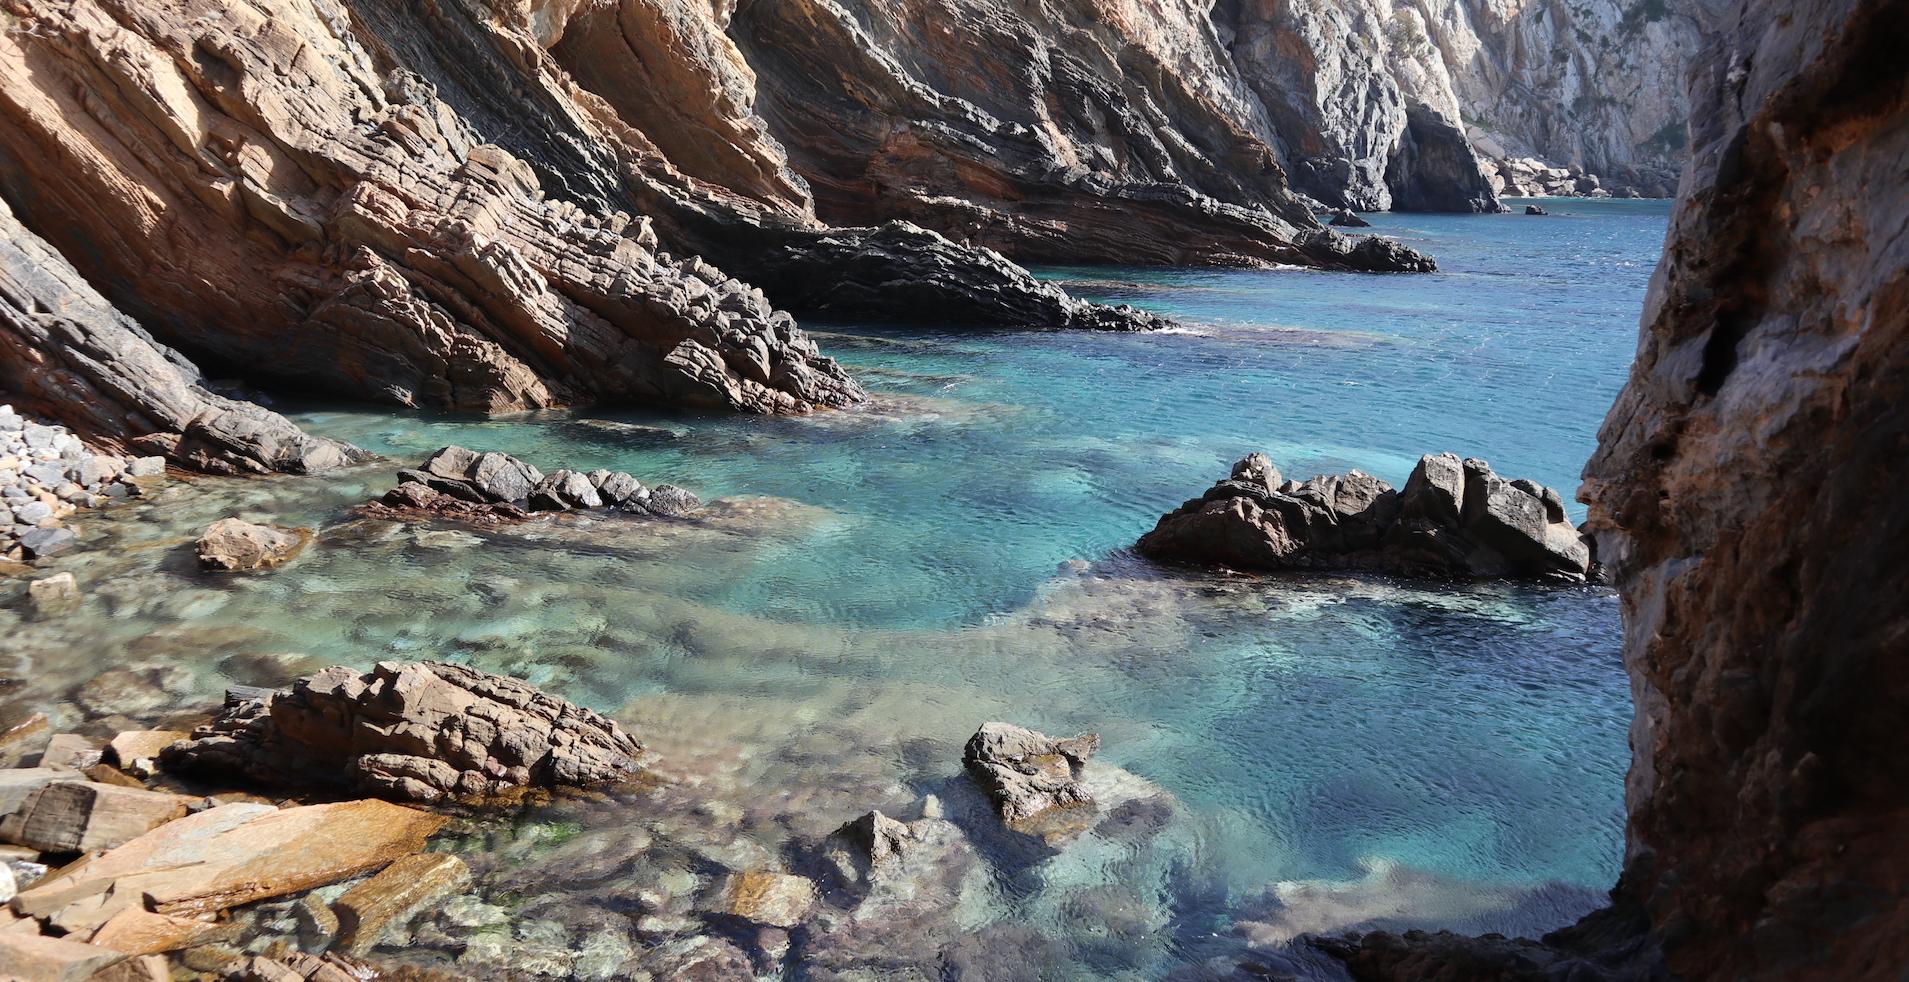 Im Spätherbst an die wunderschöne und verlassene Westküste Sardiniens